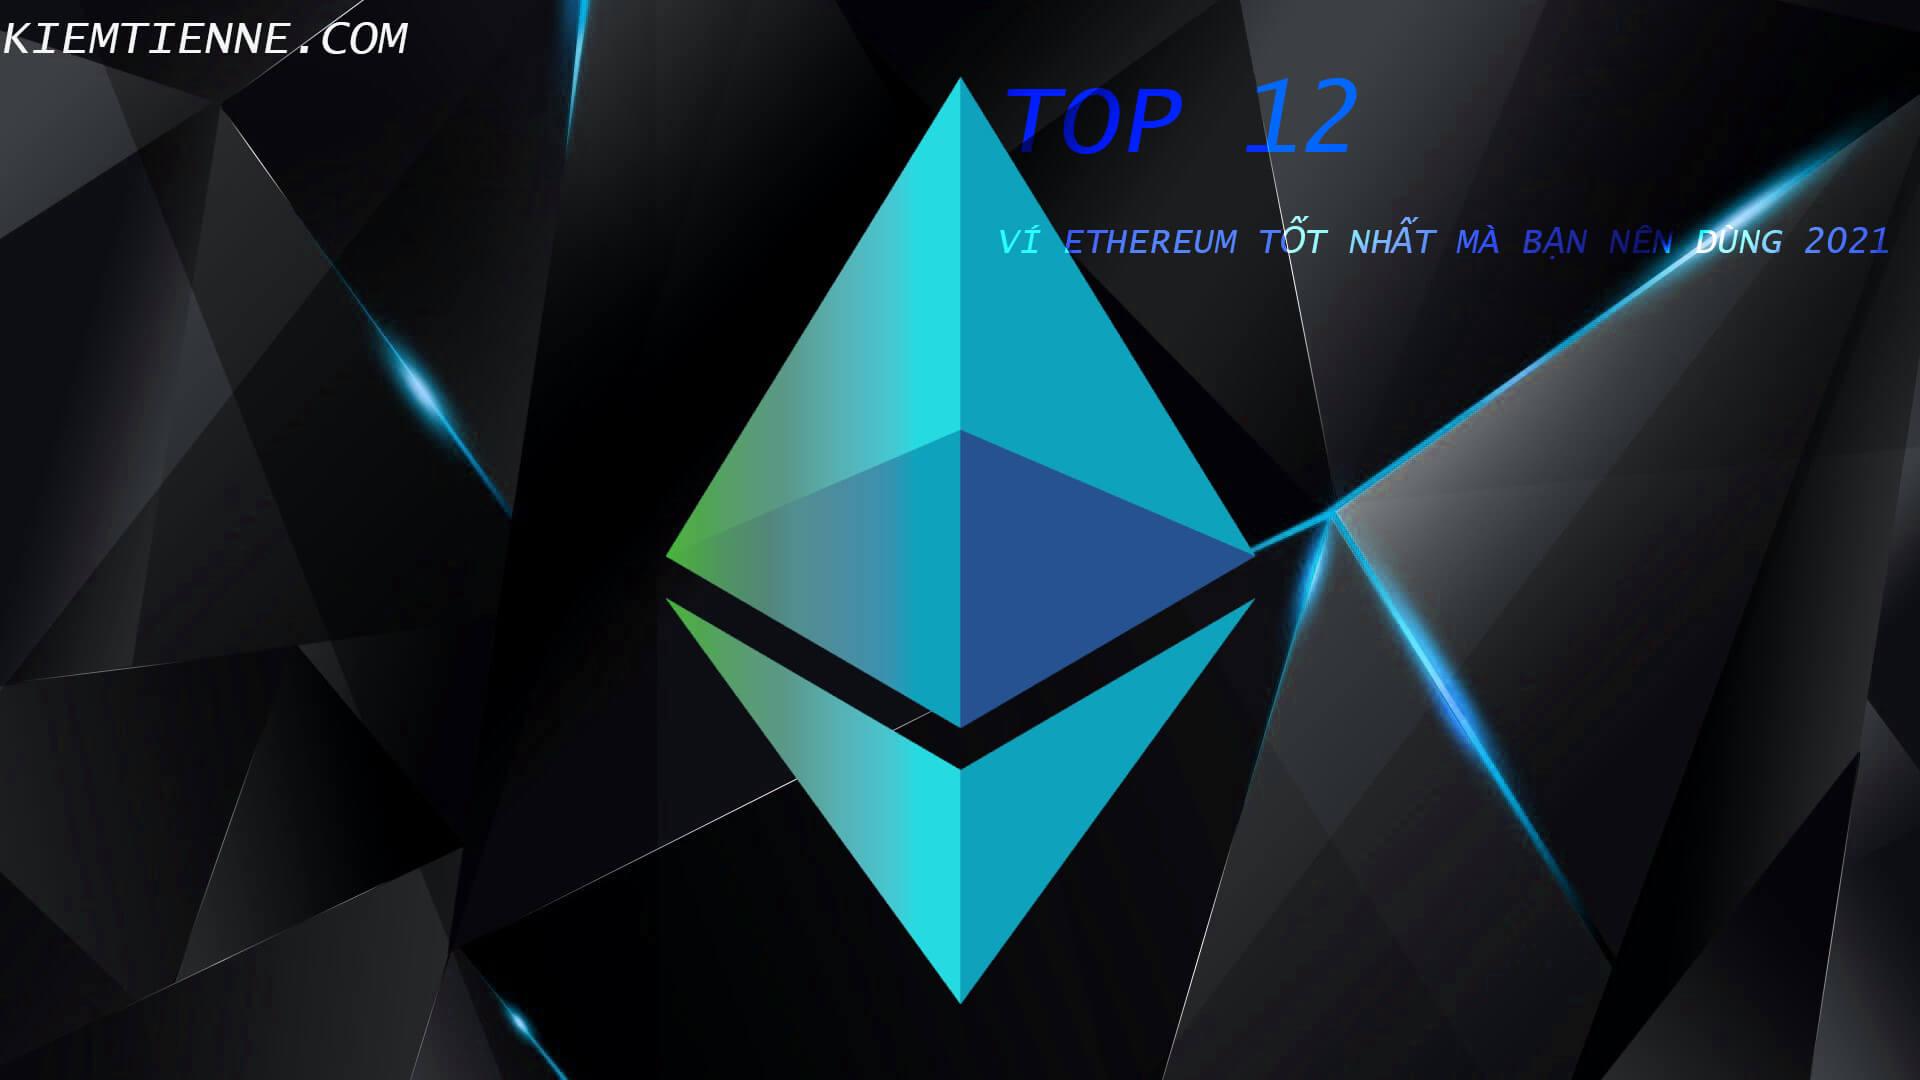 Ví Ethereum tốt nhất [TOP 12] mà bạn nên dùng 2021